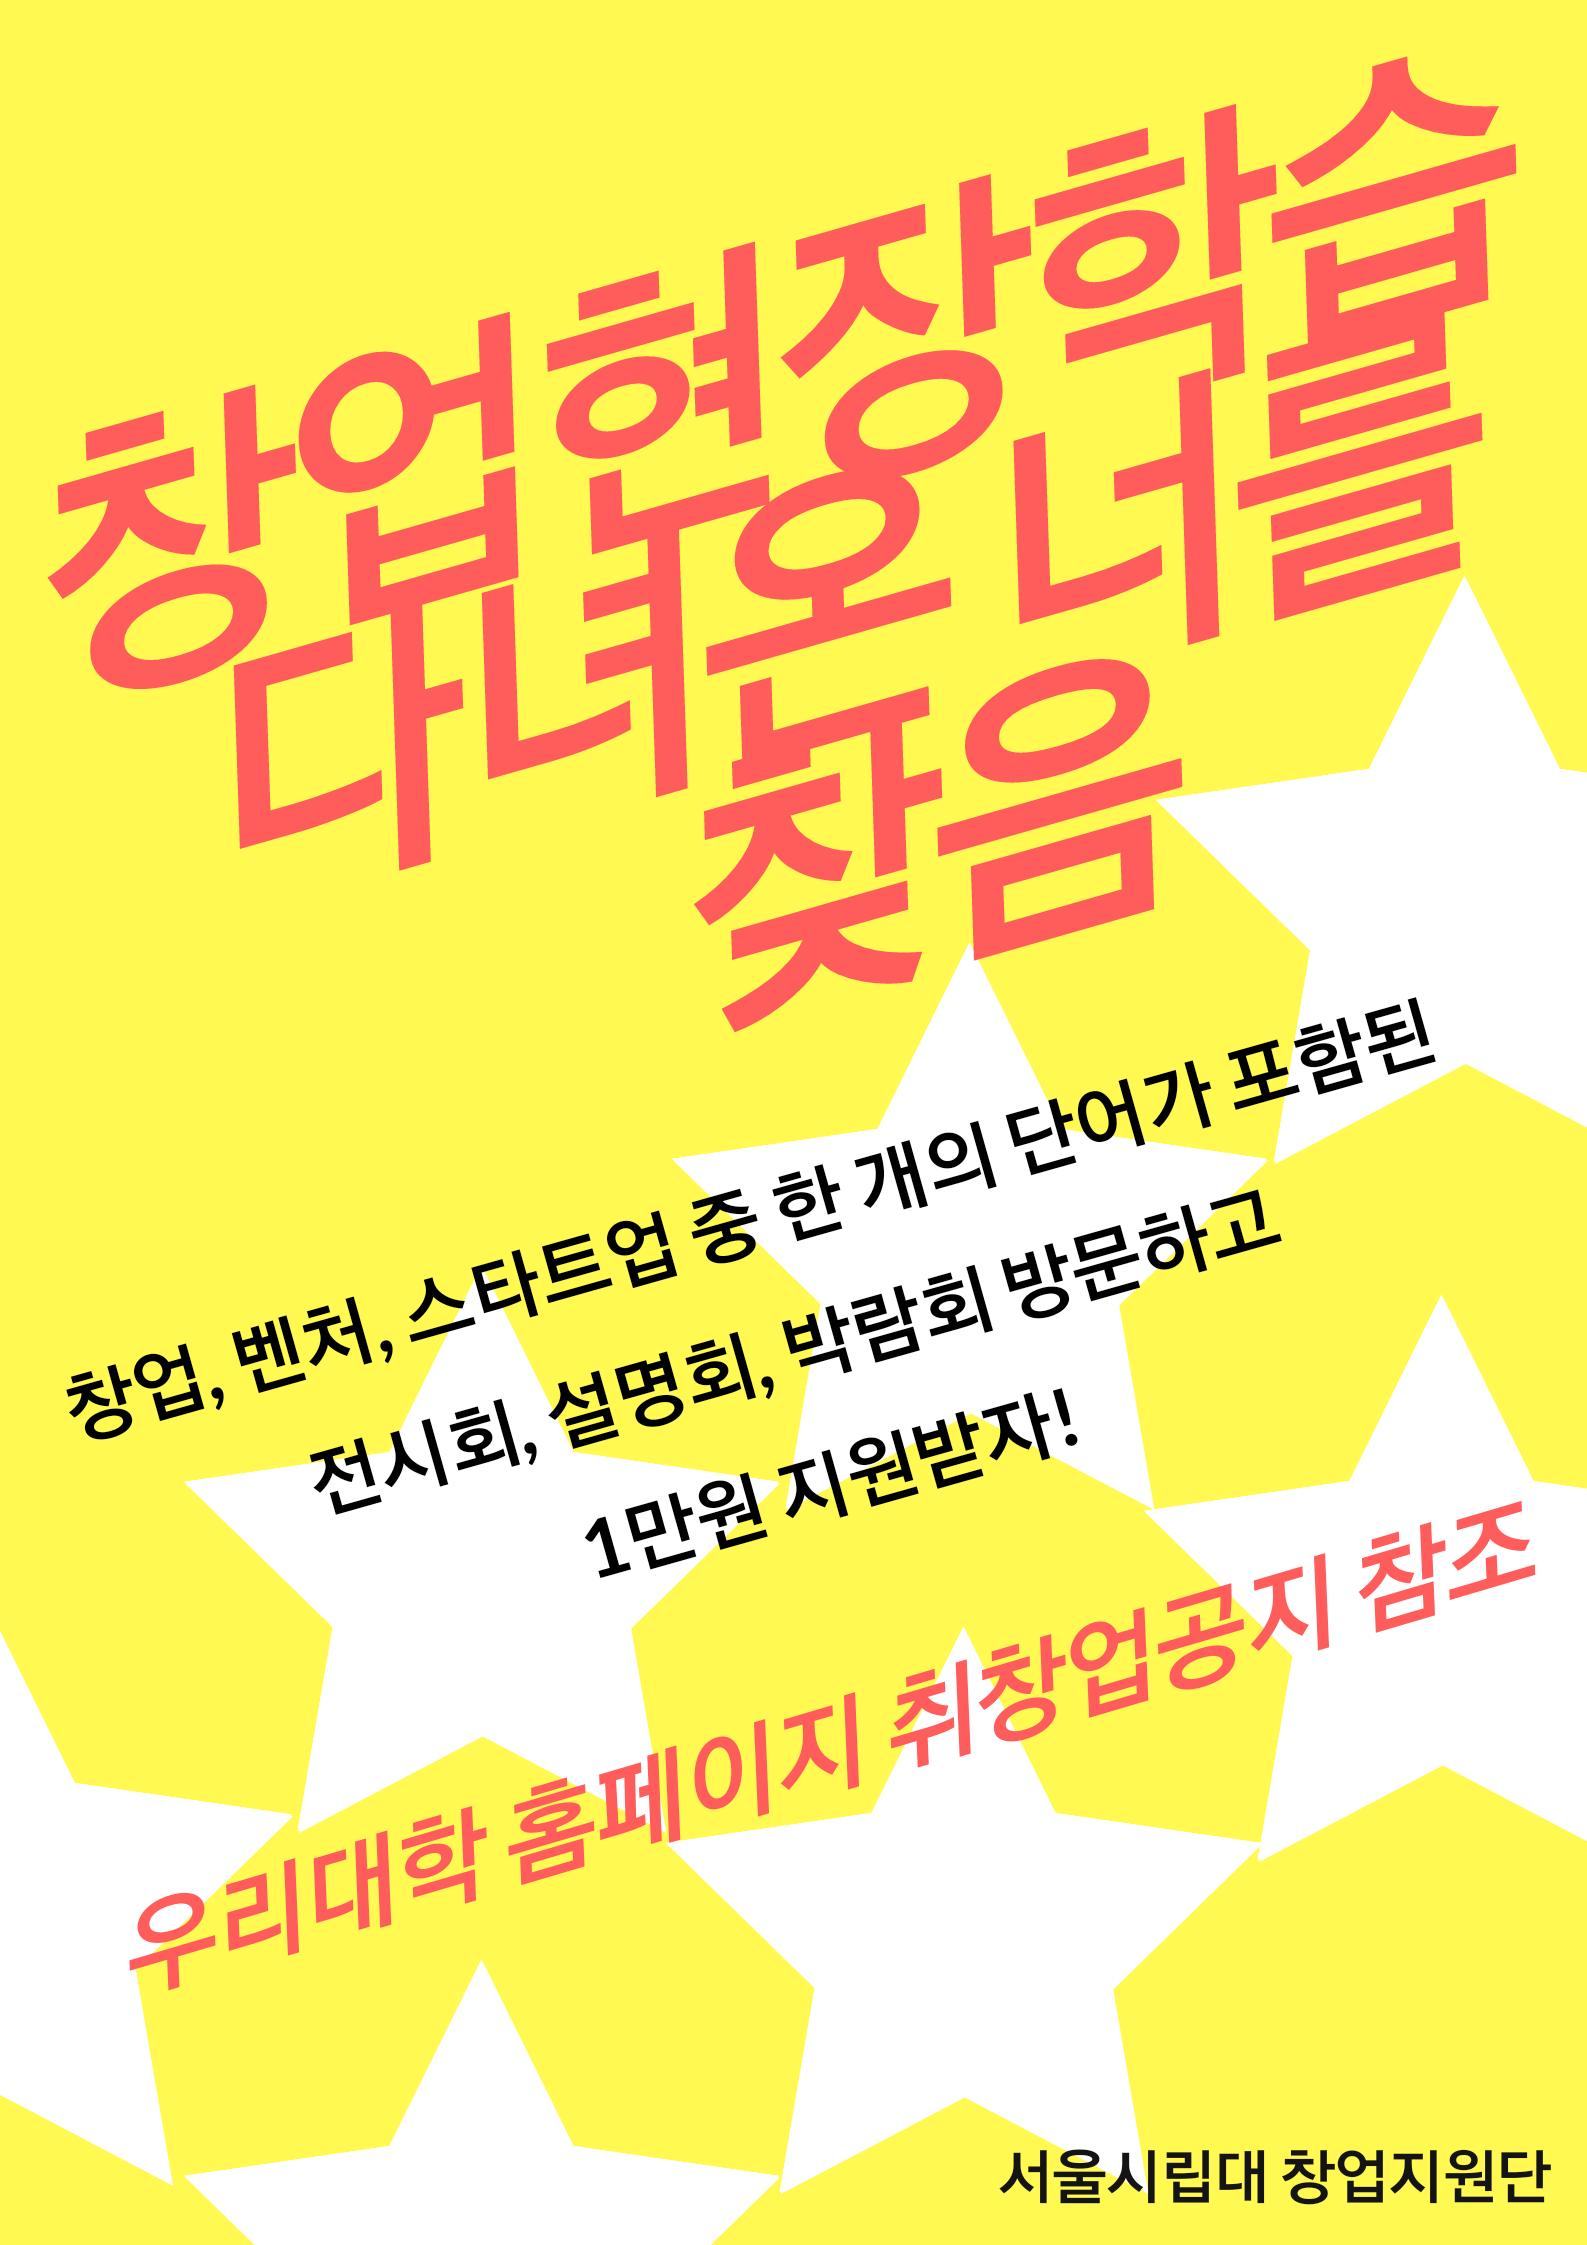 [창업지원단] 창업현장학습 다녀오고 1만원 받자!